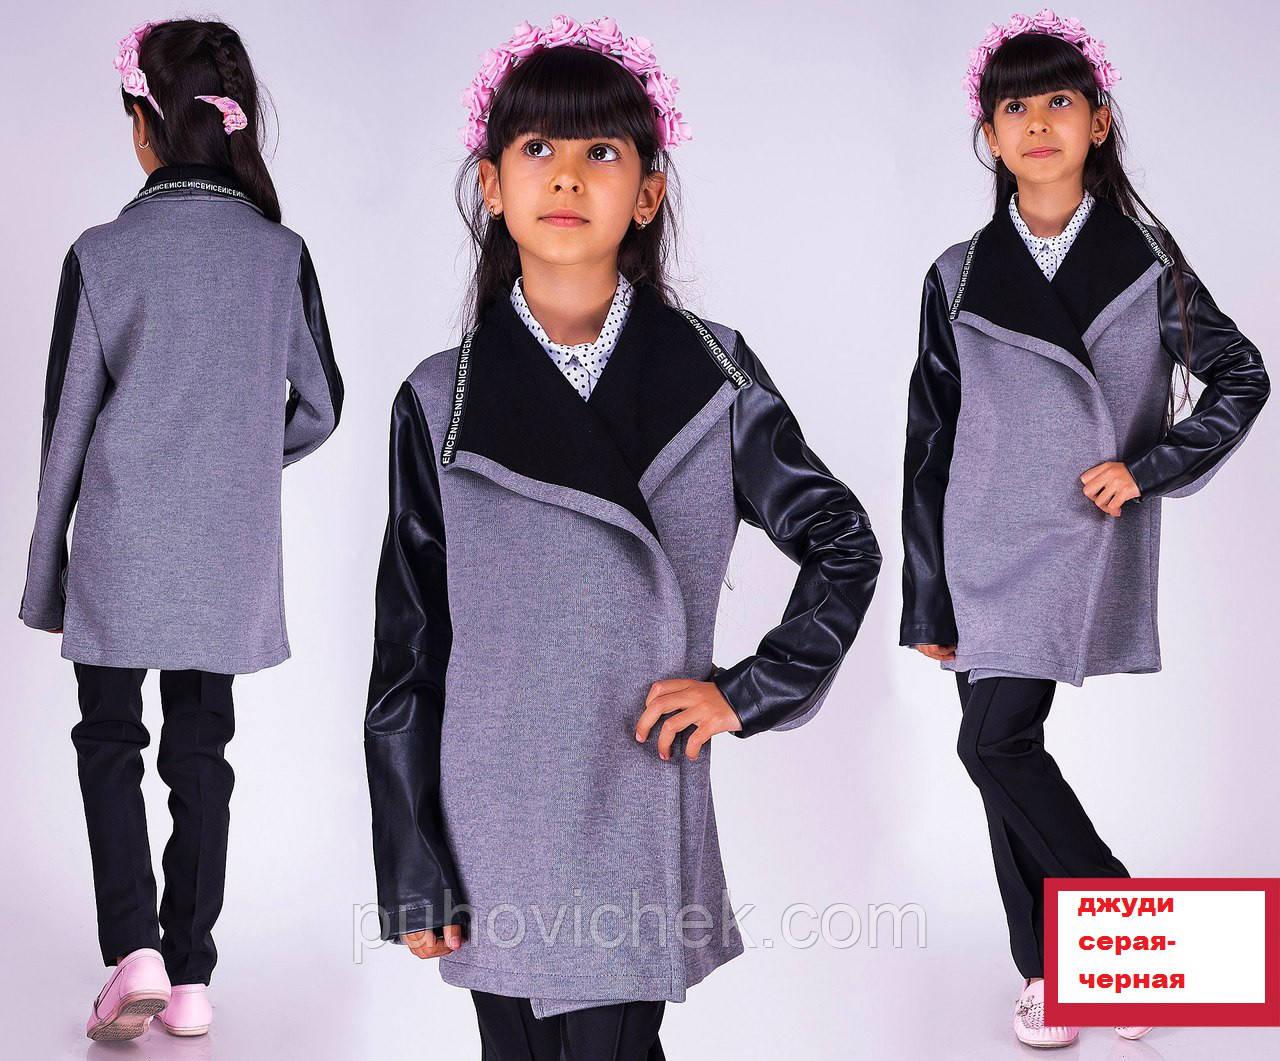 3880f223e04 Модные детские кофты для девочек интернет магазин - Интернет магазин Линия  одежды в Харькове